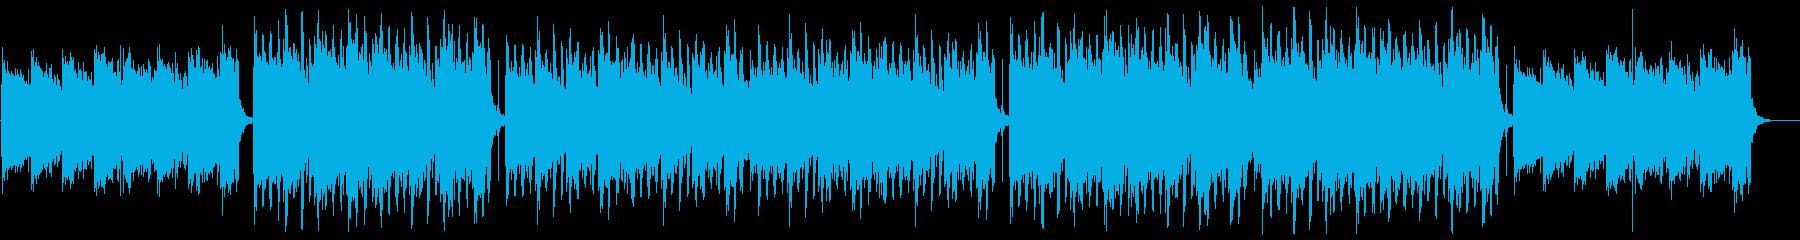 エレガントバイオリンポップ:メロディ抜きの再生済みの波形